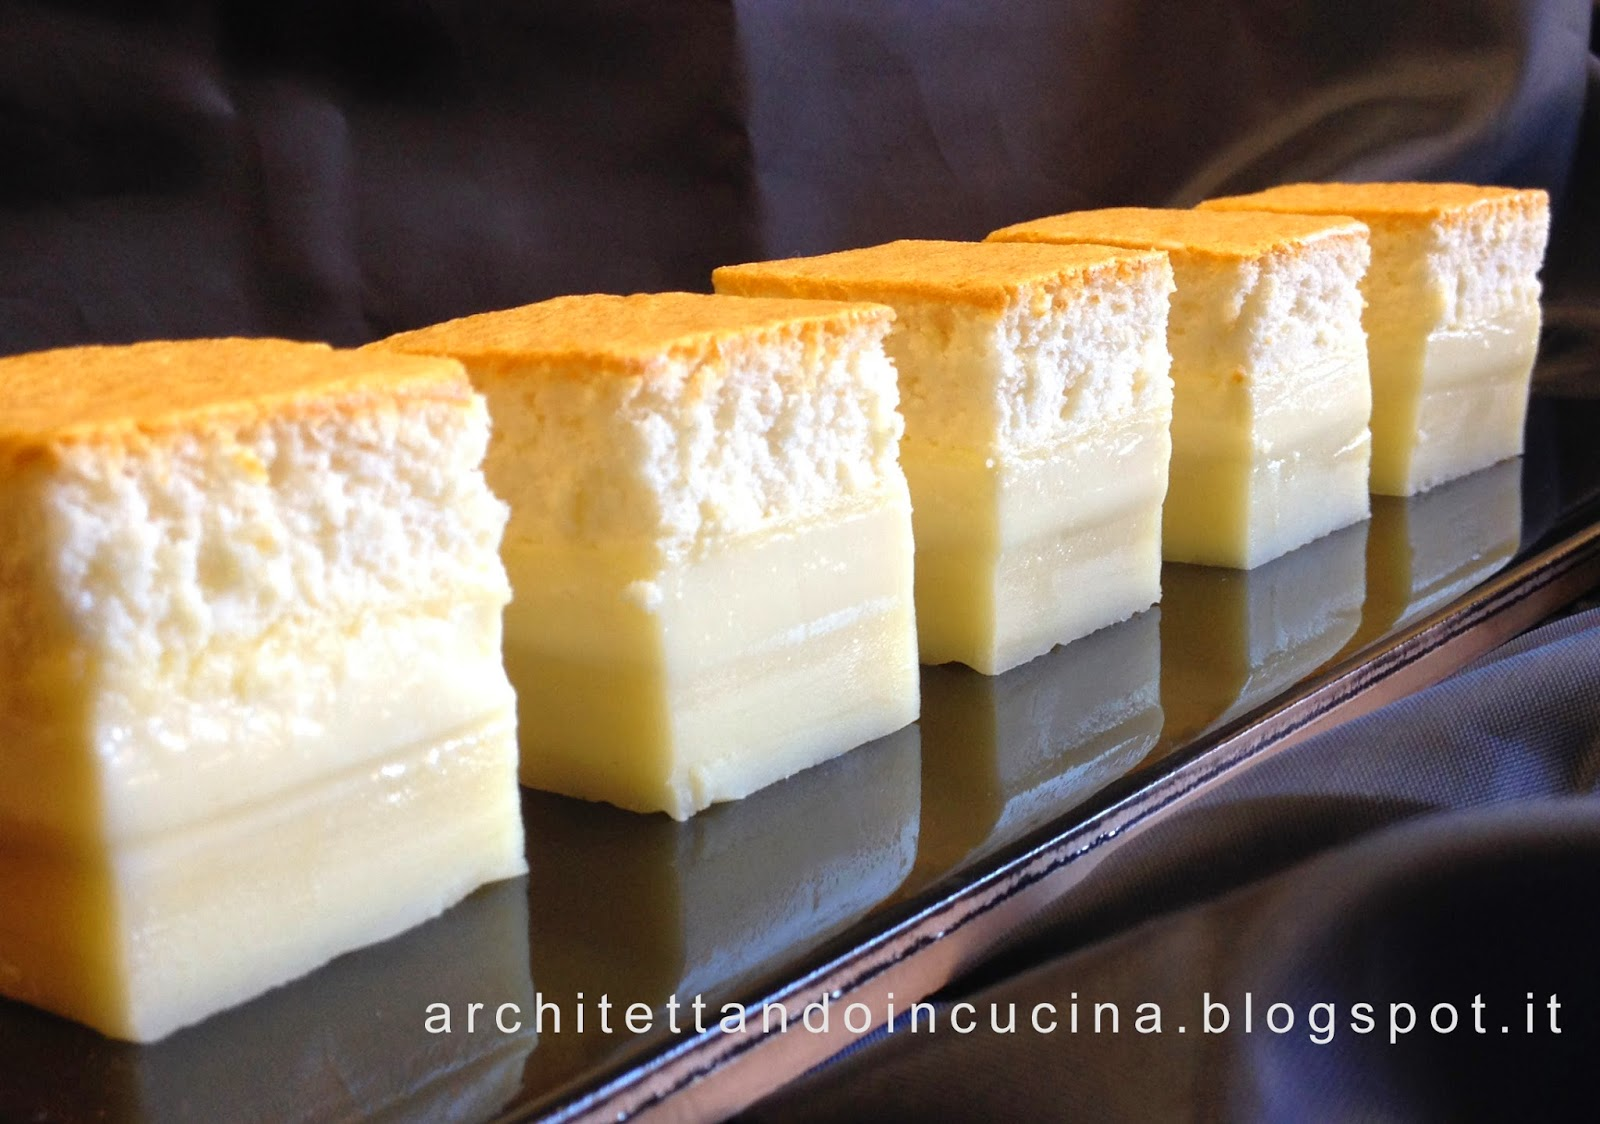 torta magica alla vaniglia - magic custard cake